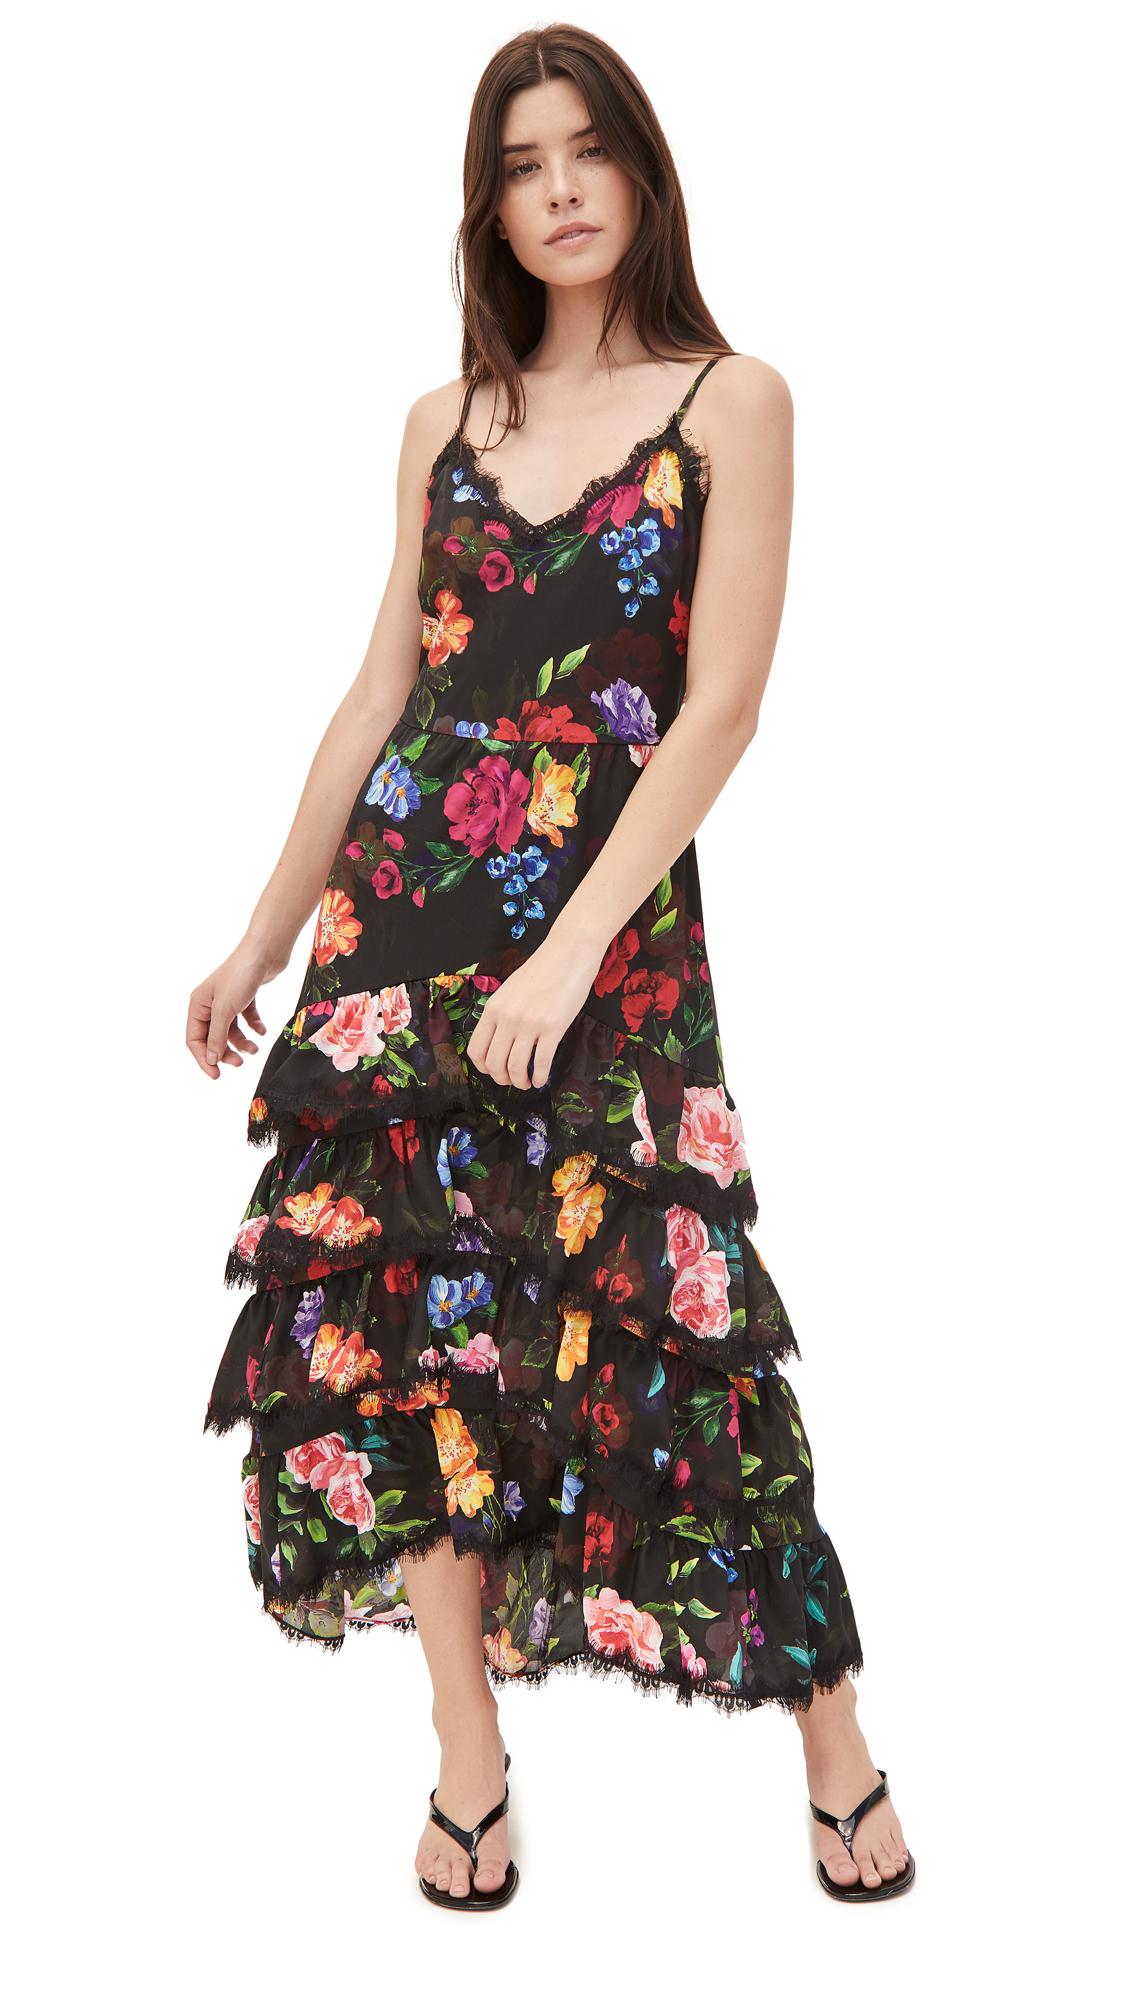 Marchesa Notte Sleeveless Ruffle Tiered Maxi Dress